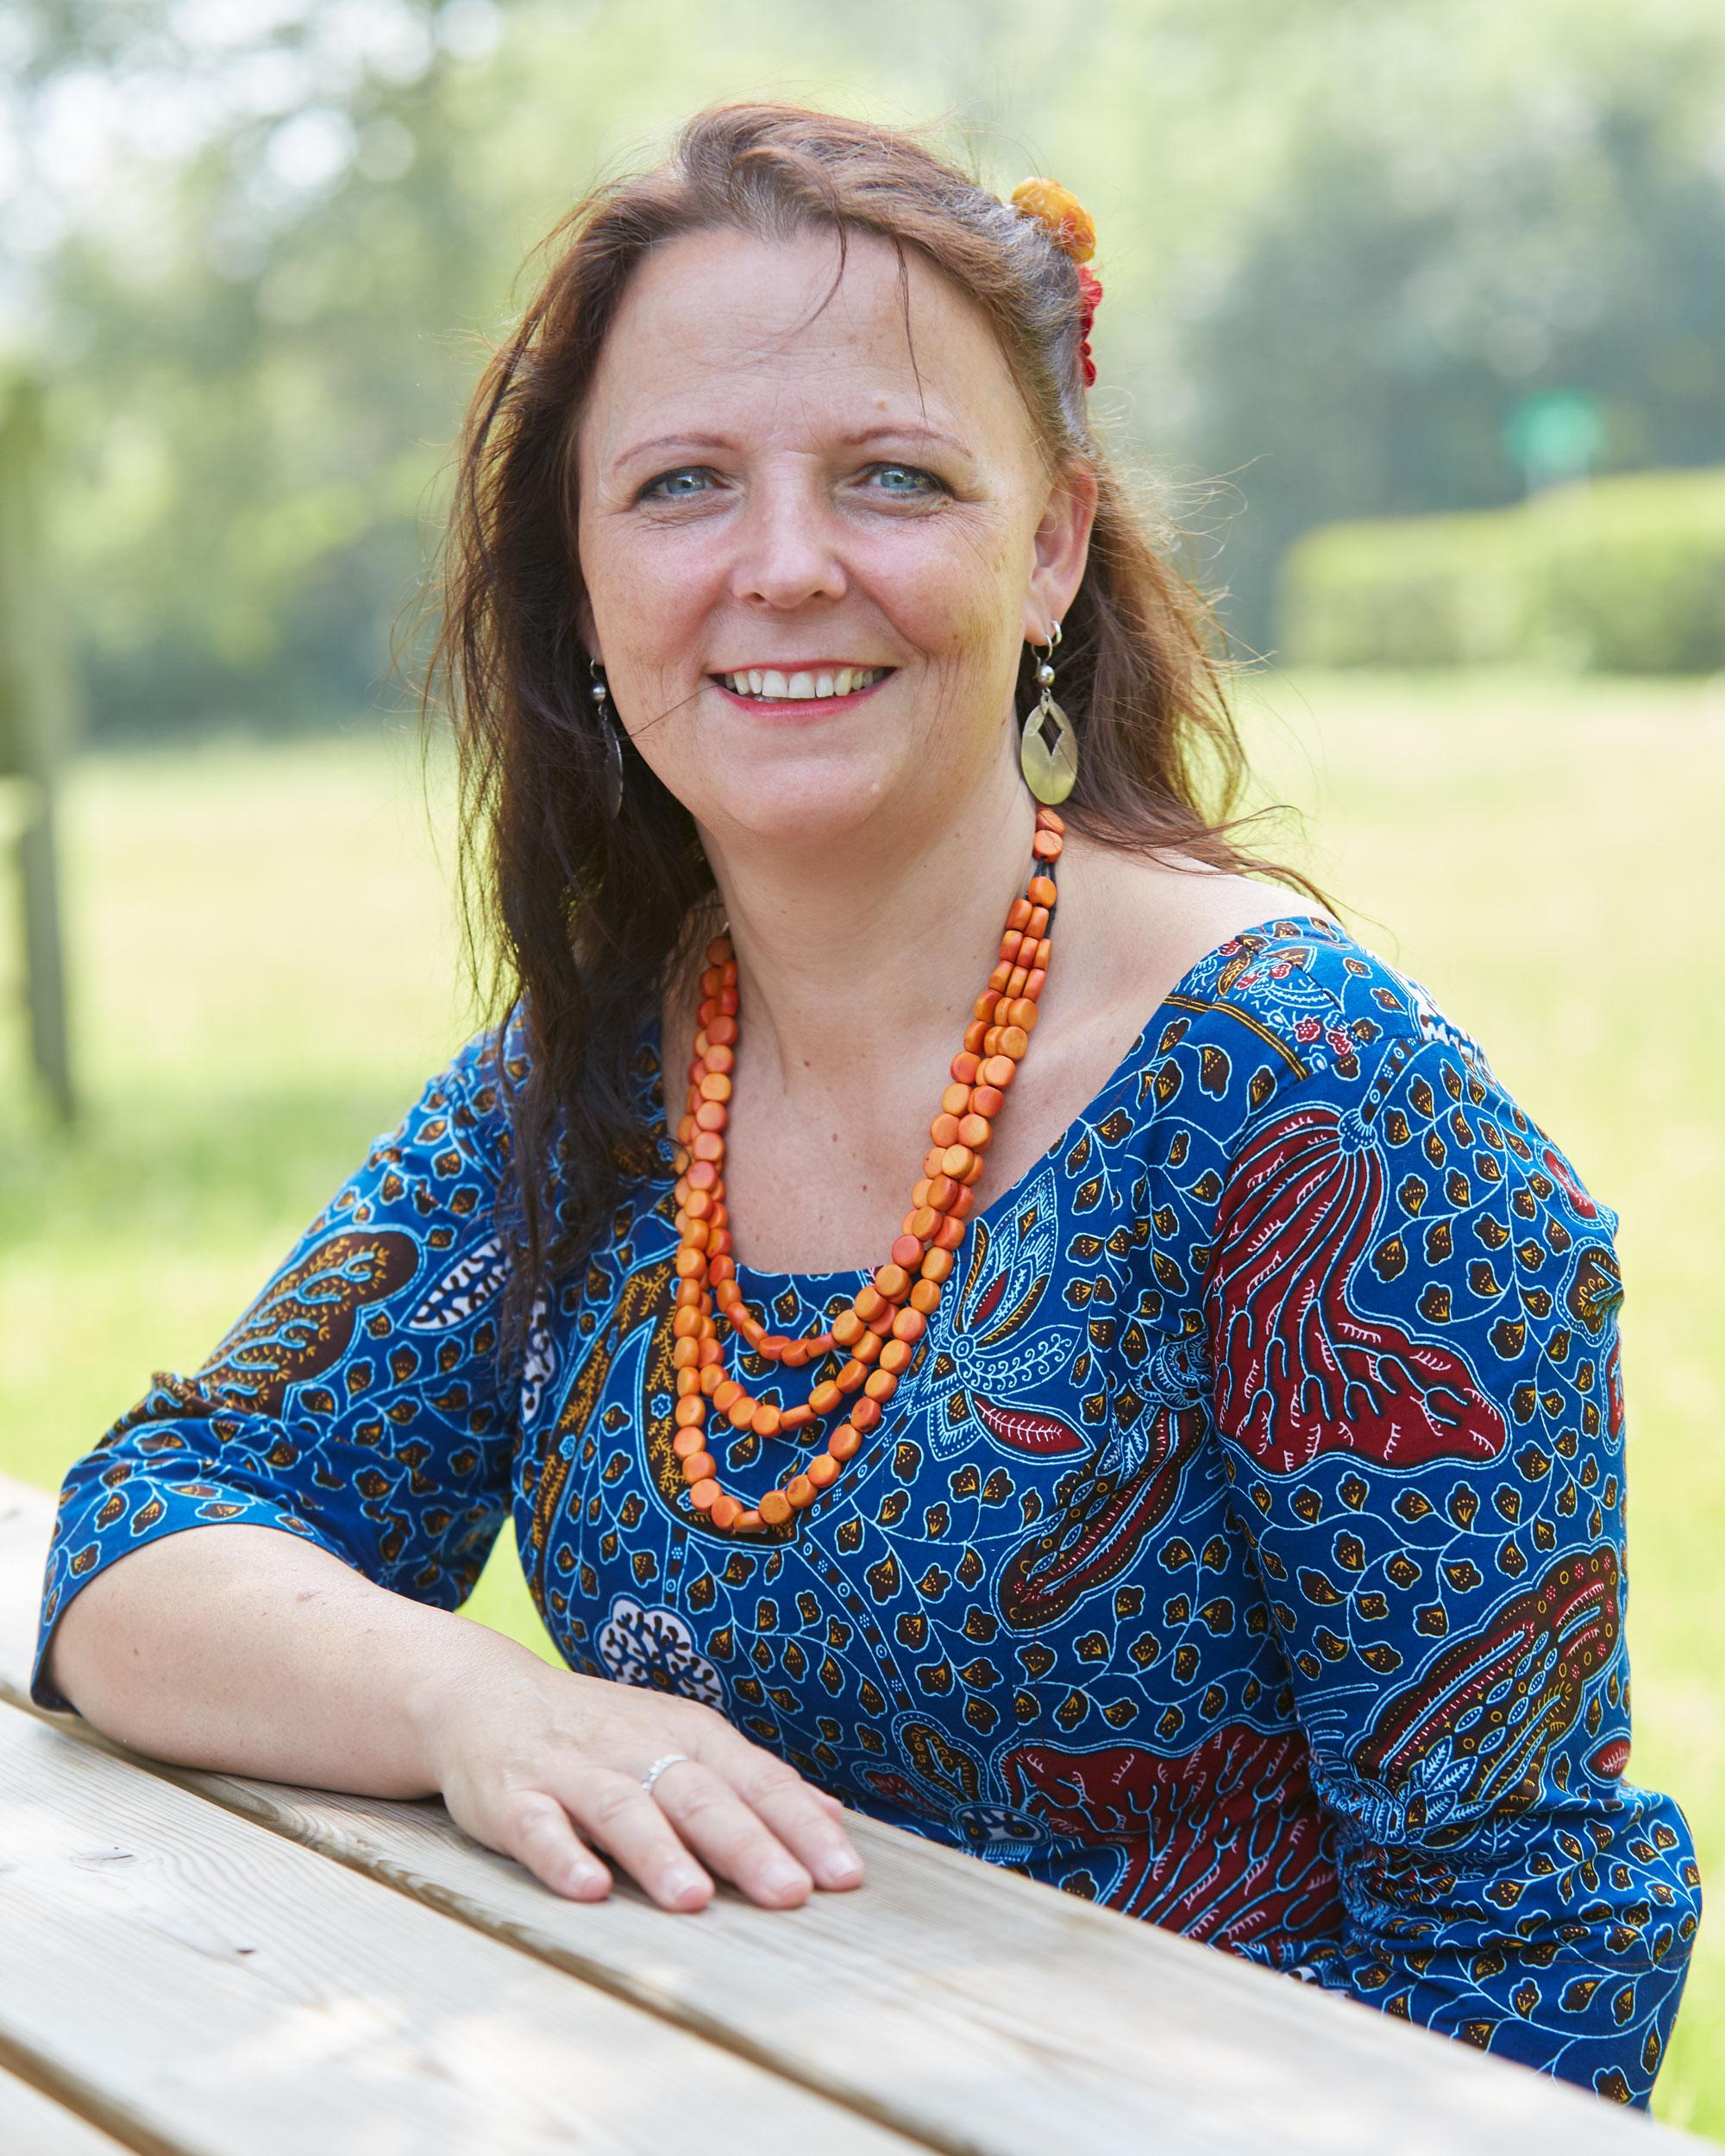 : Sofie Van Pelt